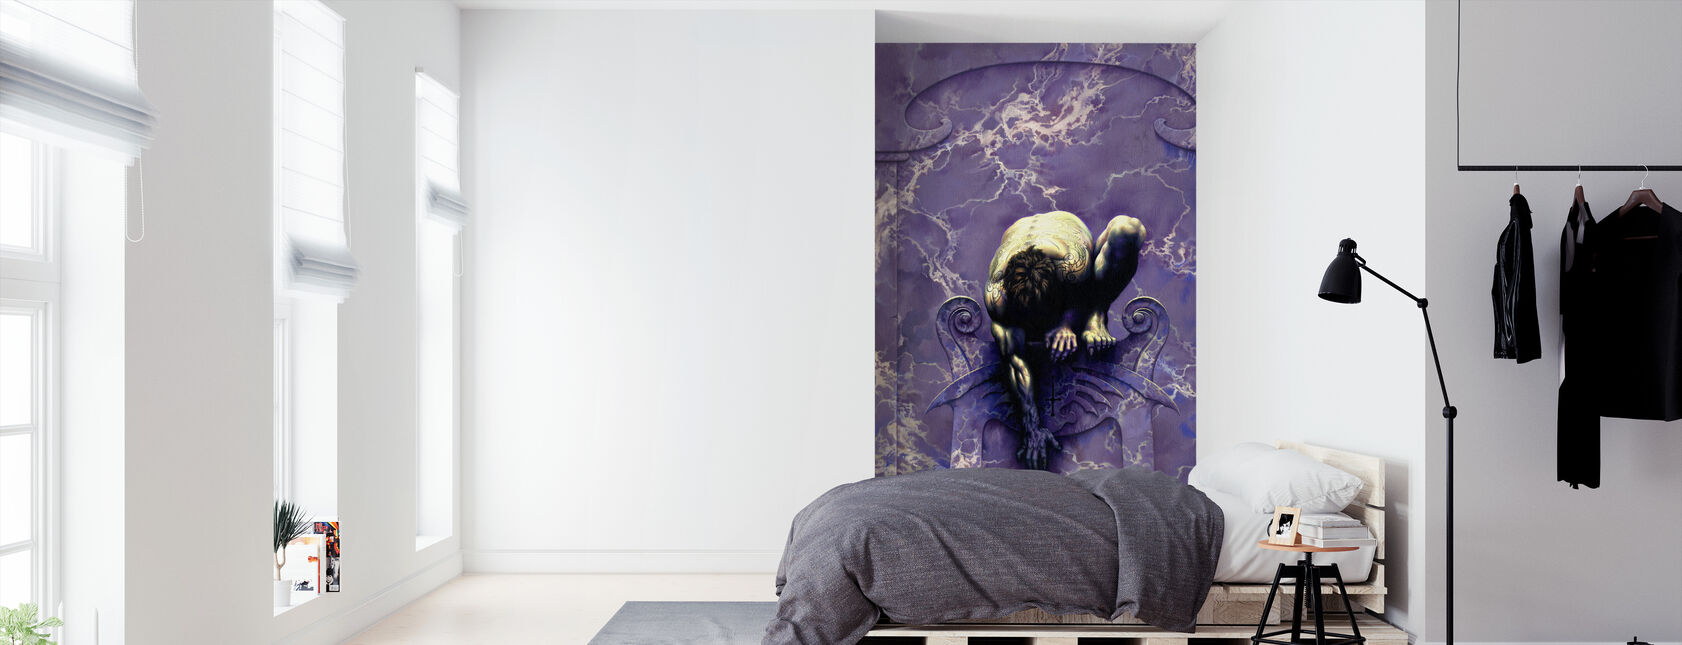 Aluxe - Wallpaper - Bedroom